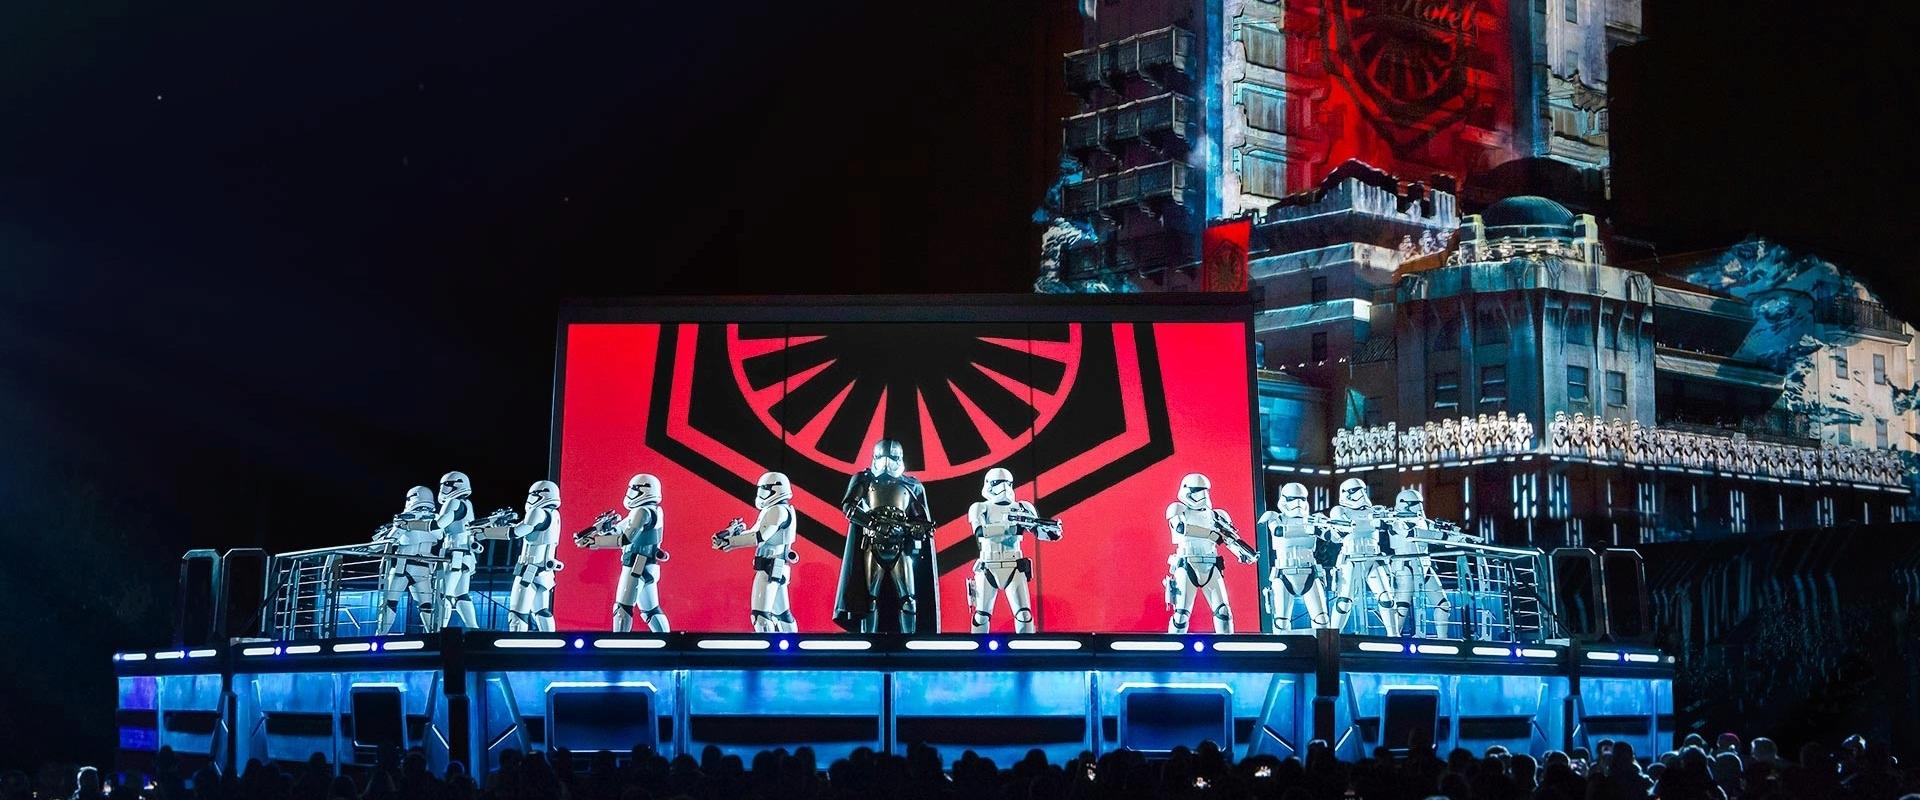 2020 - Légendes de la Force : une Célébration Star Wars Hd133810